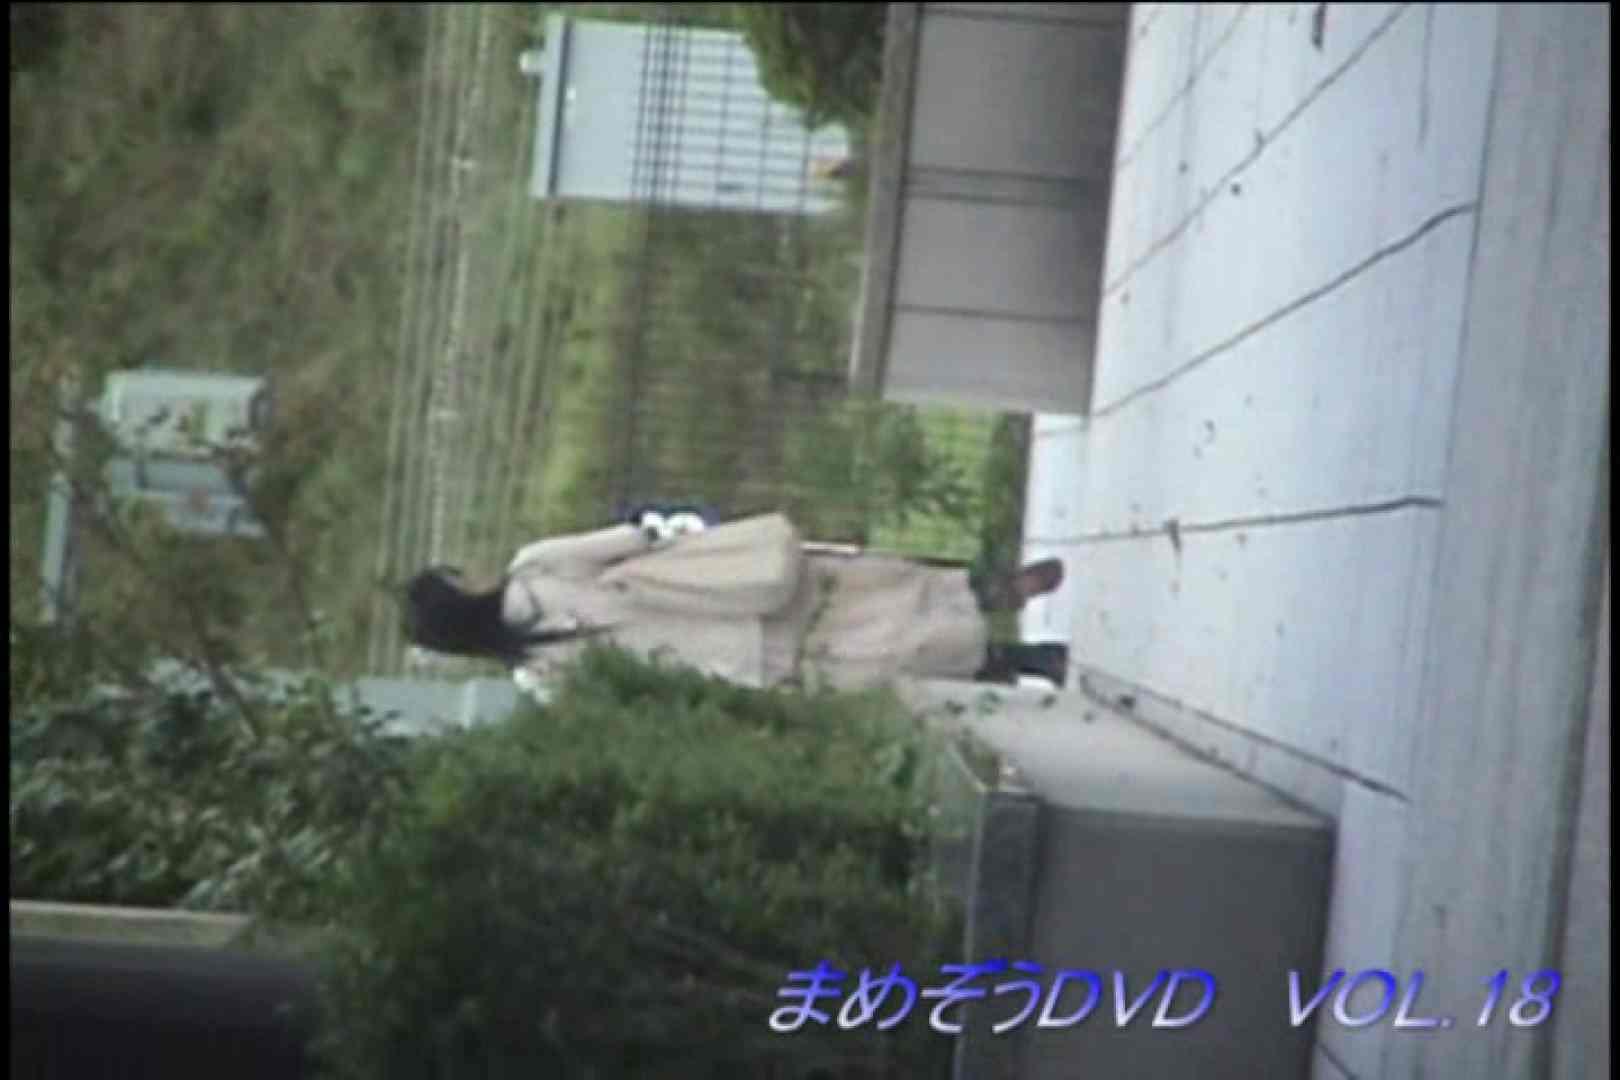 まめぞうDVD完全版VOL.18 ギャル盗撮映像   OLのボディ  76PIX 59